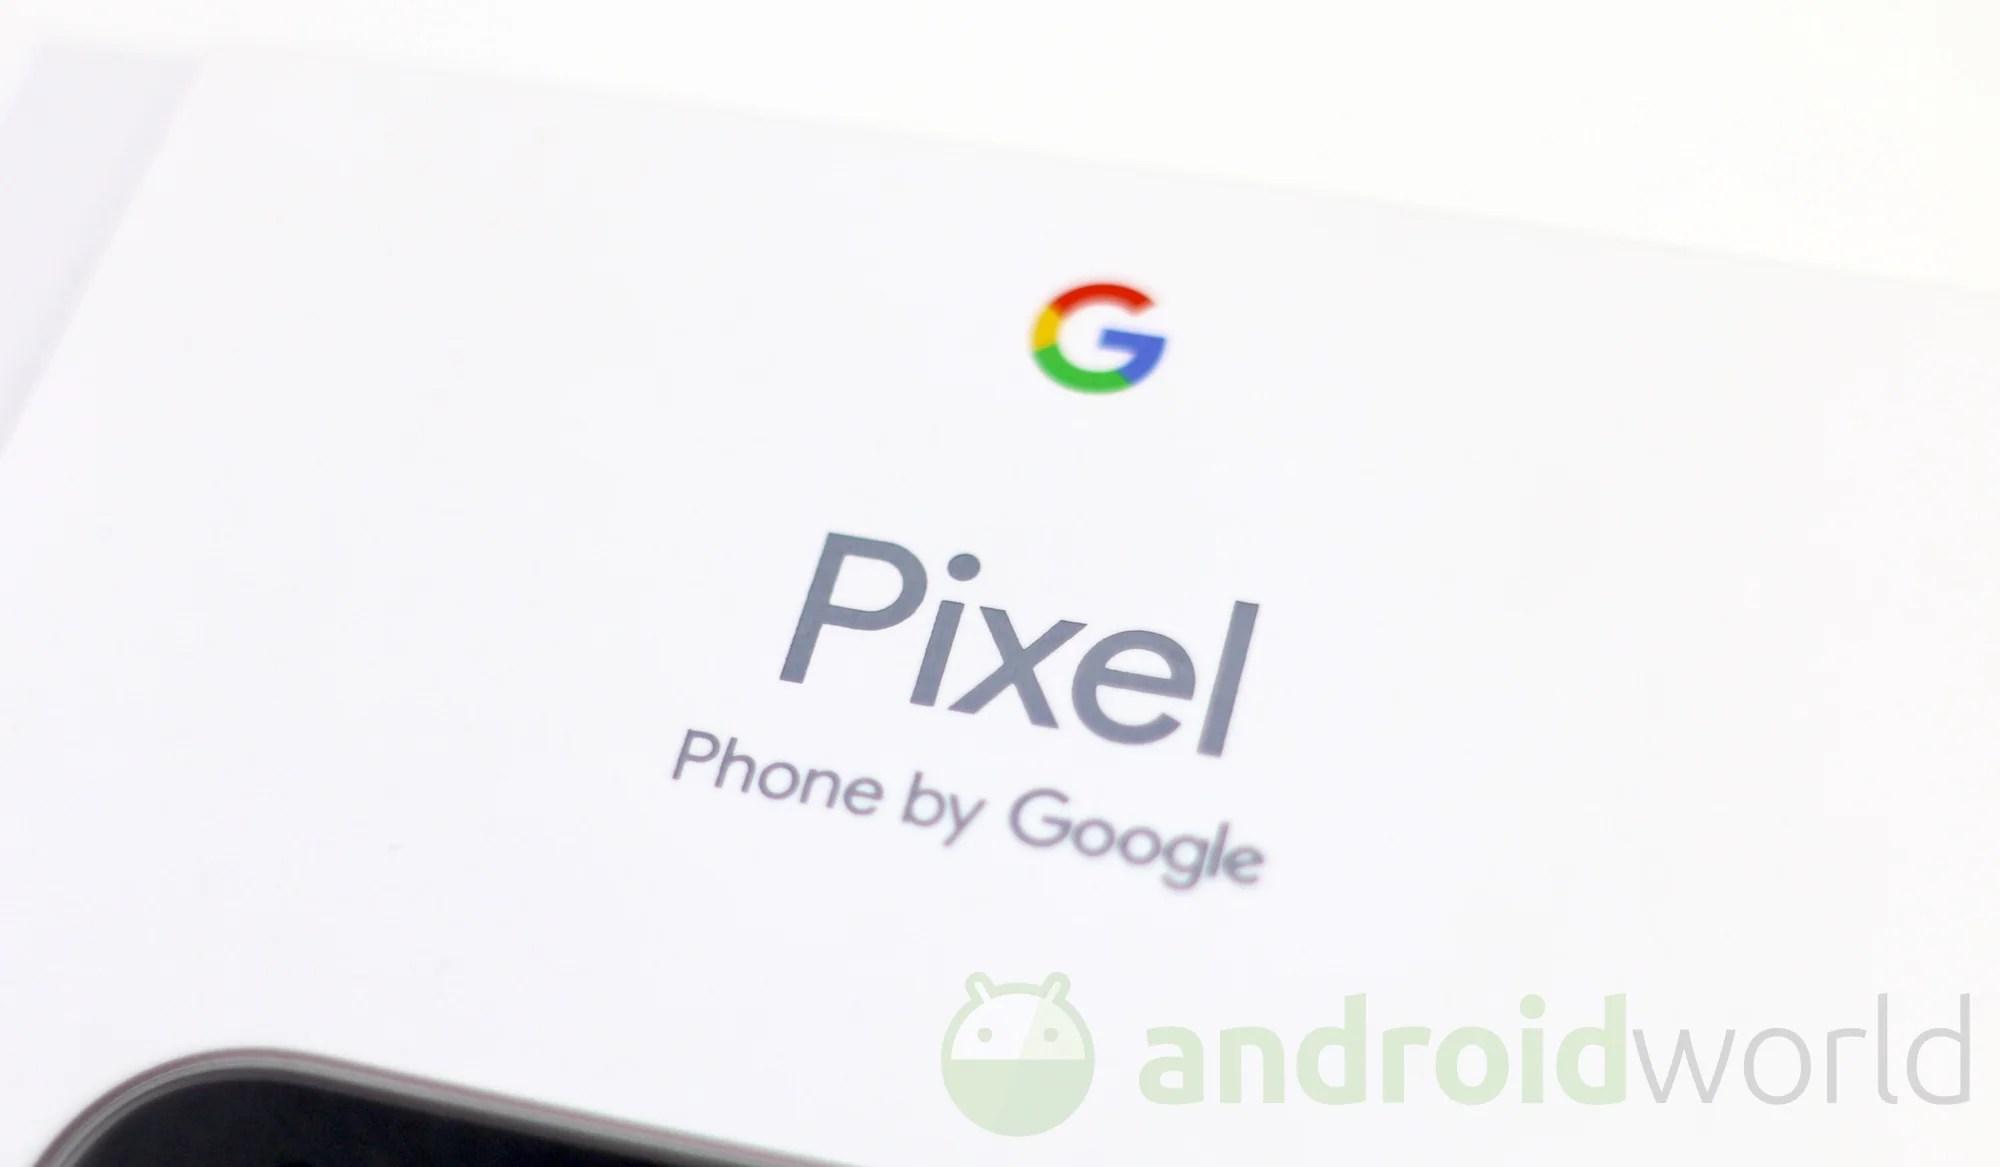 I nuovi firmware per Pixel e Nexus con le patch di ottobre